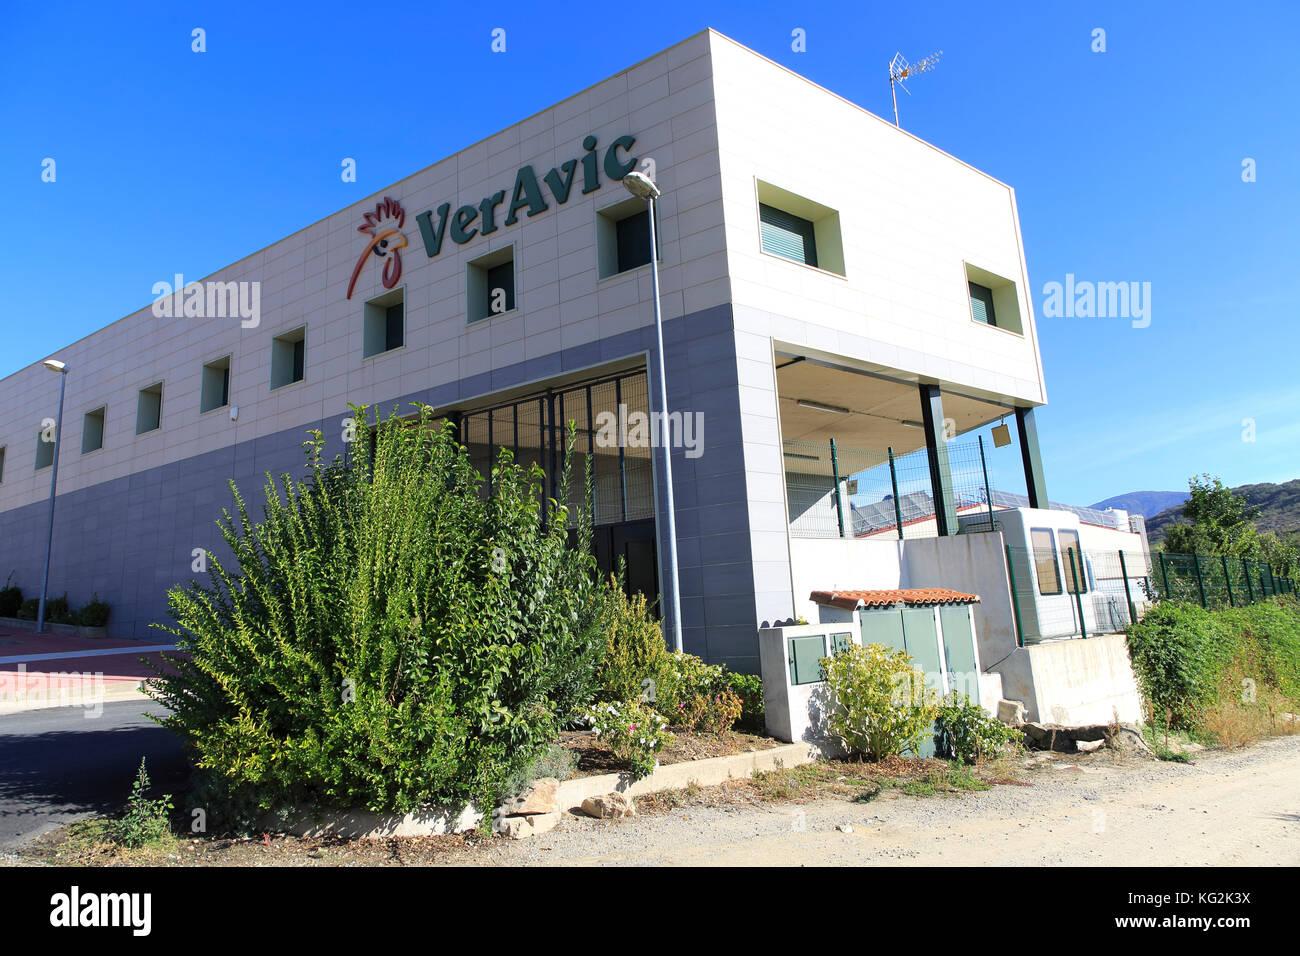 VerAvic poultry processing factory, Cuacos de Yuste, La Vera, Extremadura, Spain - Stock Image